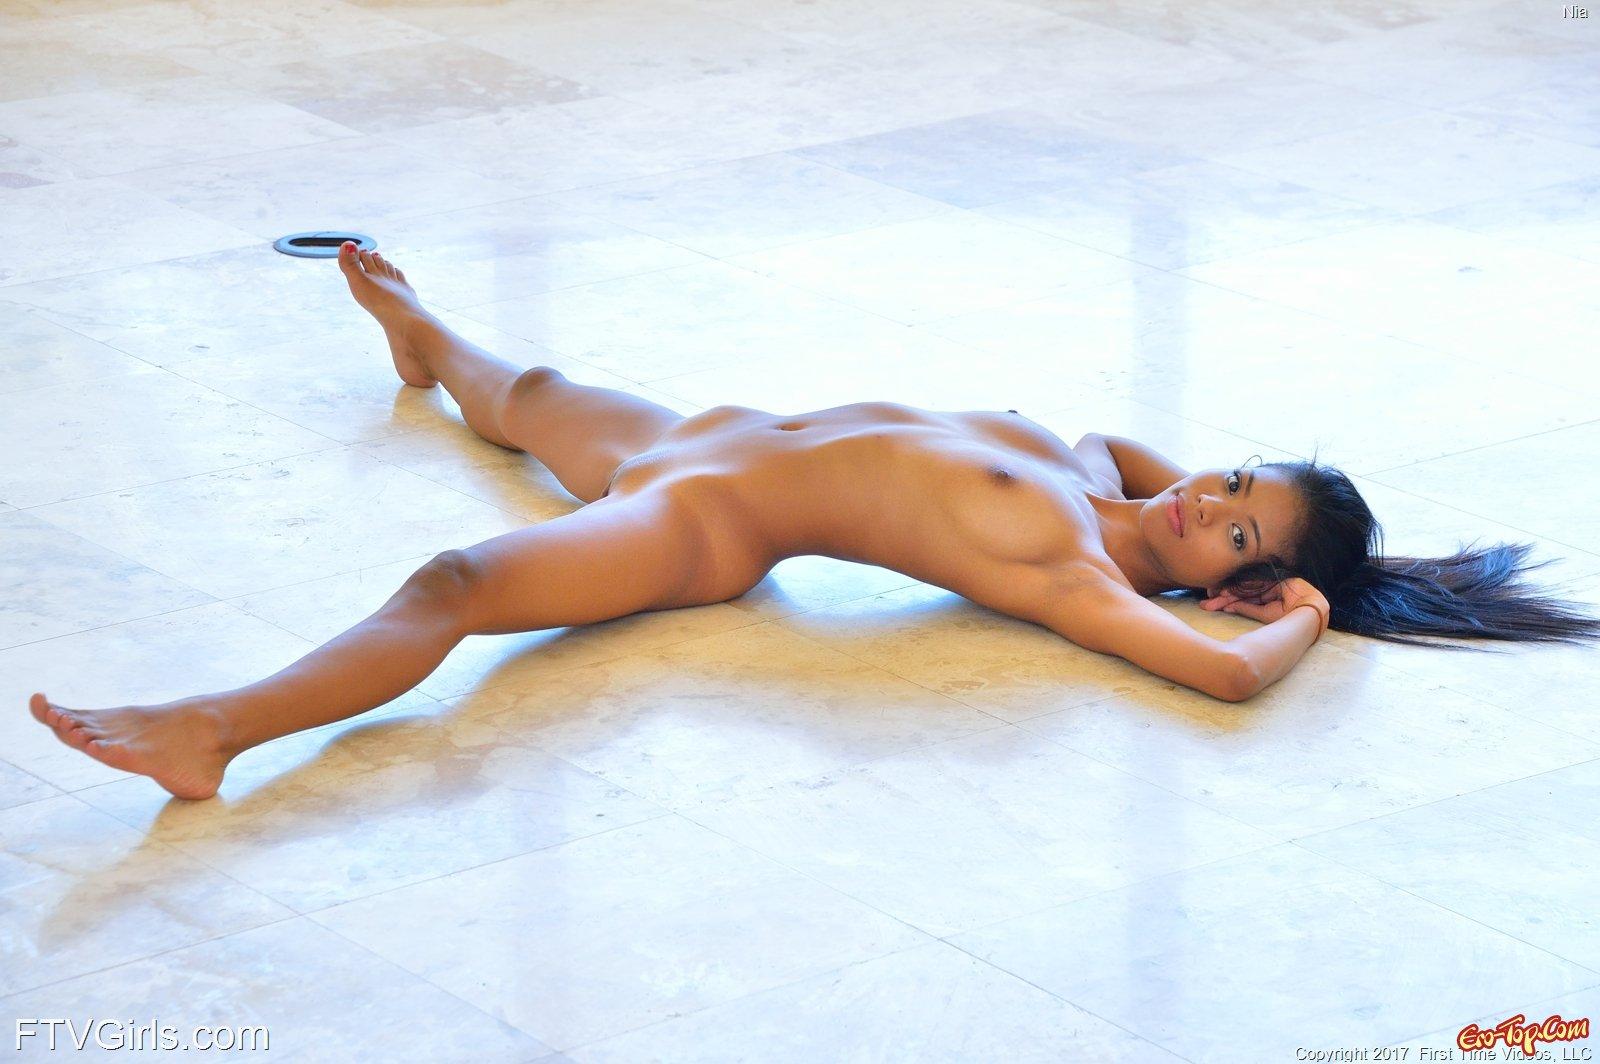 Гибкая японка показывает роскошное голое тело смотреть эротику